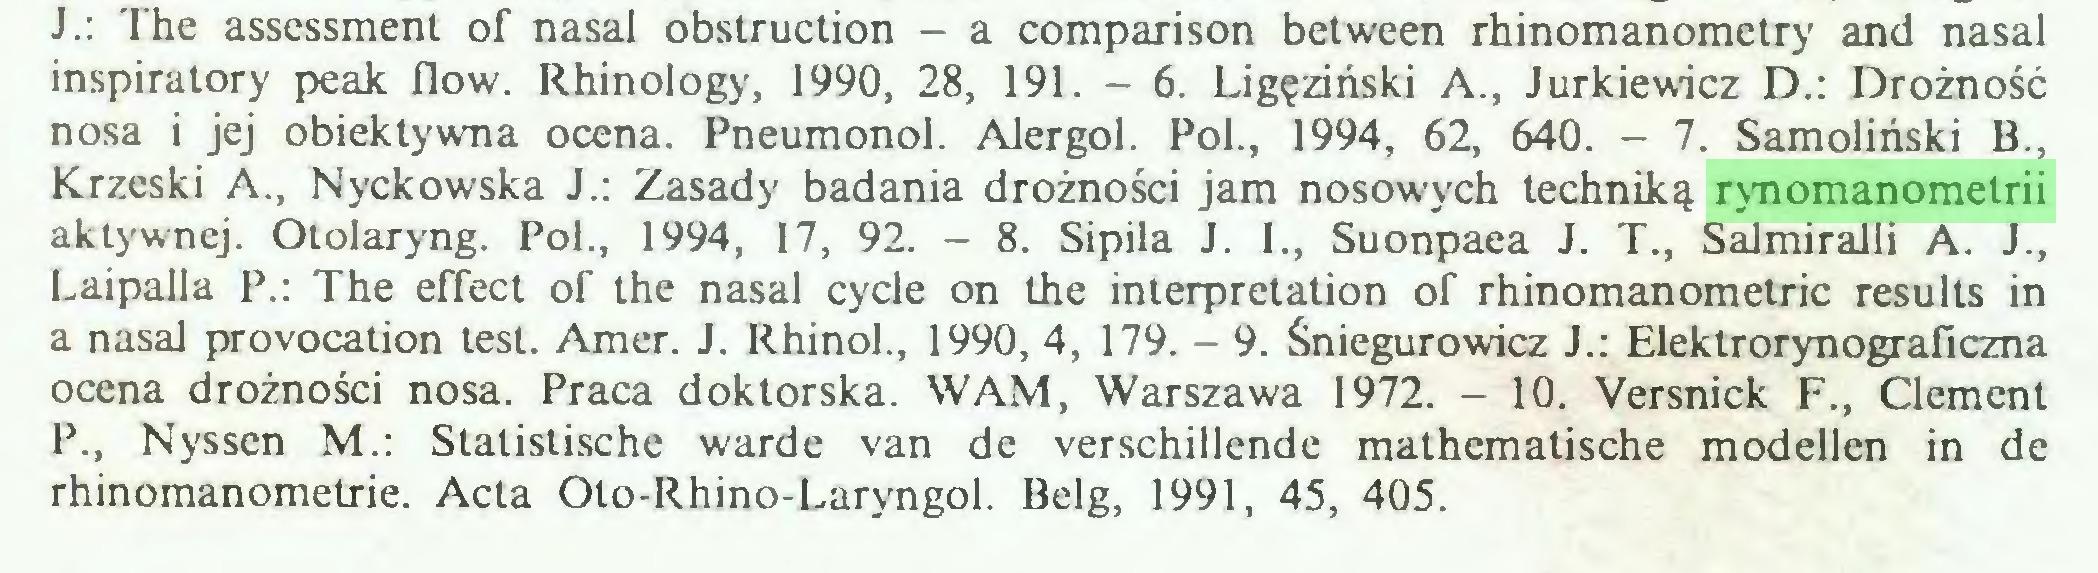 (...) J.: The assessment of nasal obstruction - a comparison belween rhinomanometry and nasal inspiratory peak flow. Rhinology, 1990, 28, 191. - 6. Ligęziński A., Jurkiewicz D.: Drożność nosa i jej obiektywna ocena. Pneumonol. Alergol. Pol., 1994, 62, 640. - 7. Samoliński B., Krzeski A., Nyckowska J.: Zasady badania drożności jam nosowych techniką rynomanometrii aktywnej. Otolaryng. Pol., 1994, 17, 92. - 8. Sipila J. I., Suonpaea J. T., Salmiralli A. J., Laipalla P.: The effect of the nasal cycle on the interpretation of rhinomanometric results in a nasal provocation test. Amer. J. Rhinol., 1990, 4, 179. — 9. Śniegurowicz J.: Elektrorynograficzna ocena drożności nosa. Praca doktorska. WAM, Warszawa 1972. - 10. Versnick F., Clement P., Nyssen M.: Statistische warde van de verschillende mathematische modellen in de rhinomanometrie. Acta Oto-Rhino-Laryngol. Belg, 1991, 45, 405...